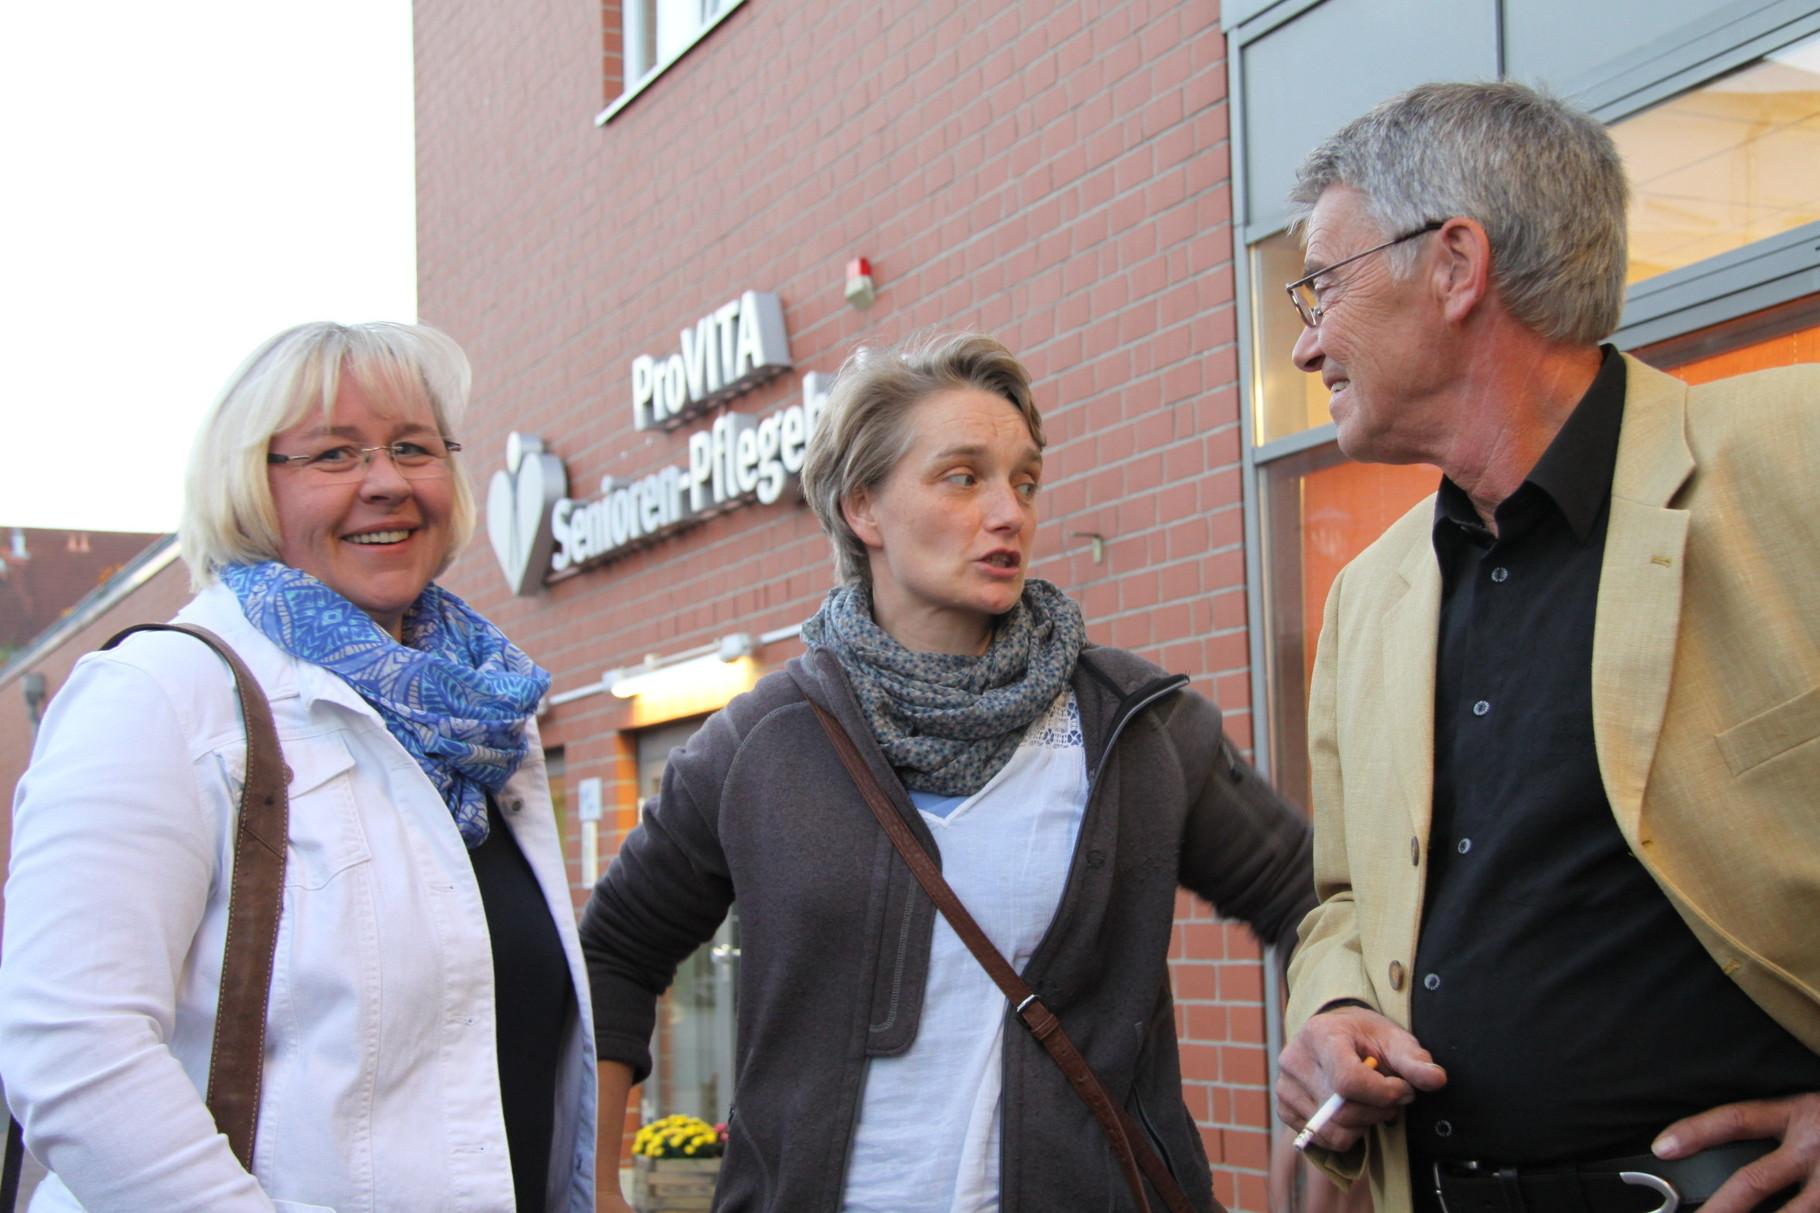 Reinhard Freyer vom Neu Wulmstorfer Wochenmarkt mit seiner Kollegin Frau Boers und einer Mitarbeiterin vom Schönecke-Geflügelstand